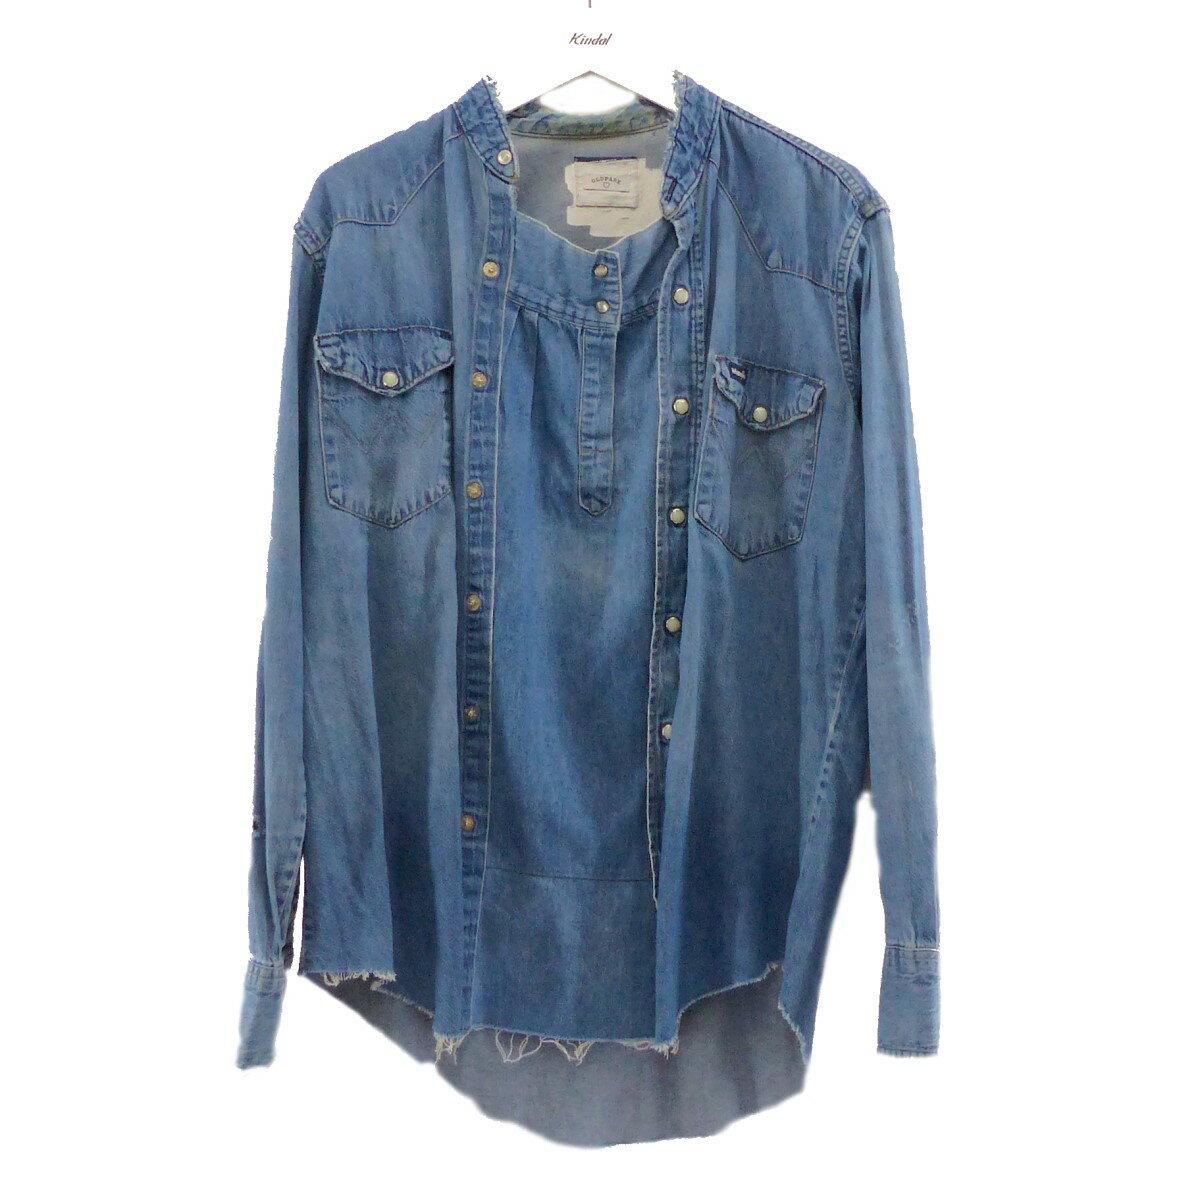 トップス, カジュアルシャツ OLD PARK2015SS PULLOVER SHIRT DENIM WESTERN 1012